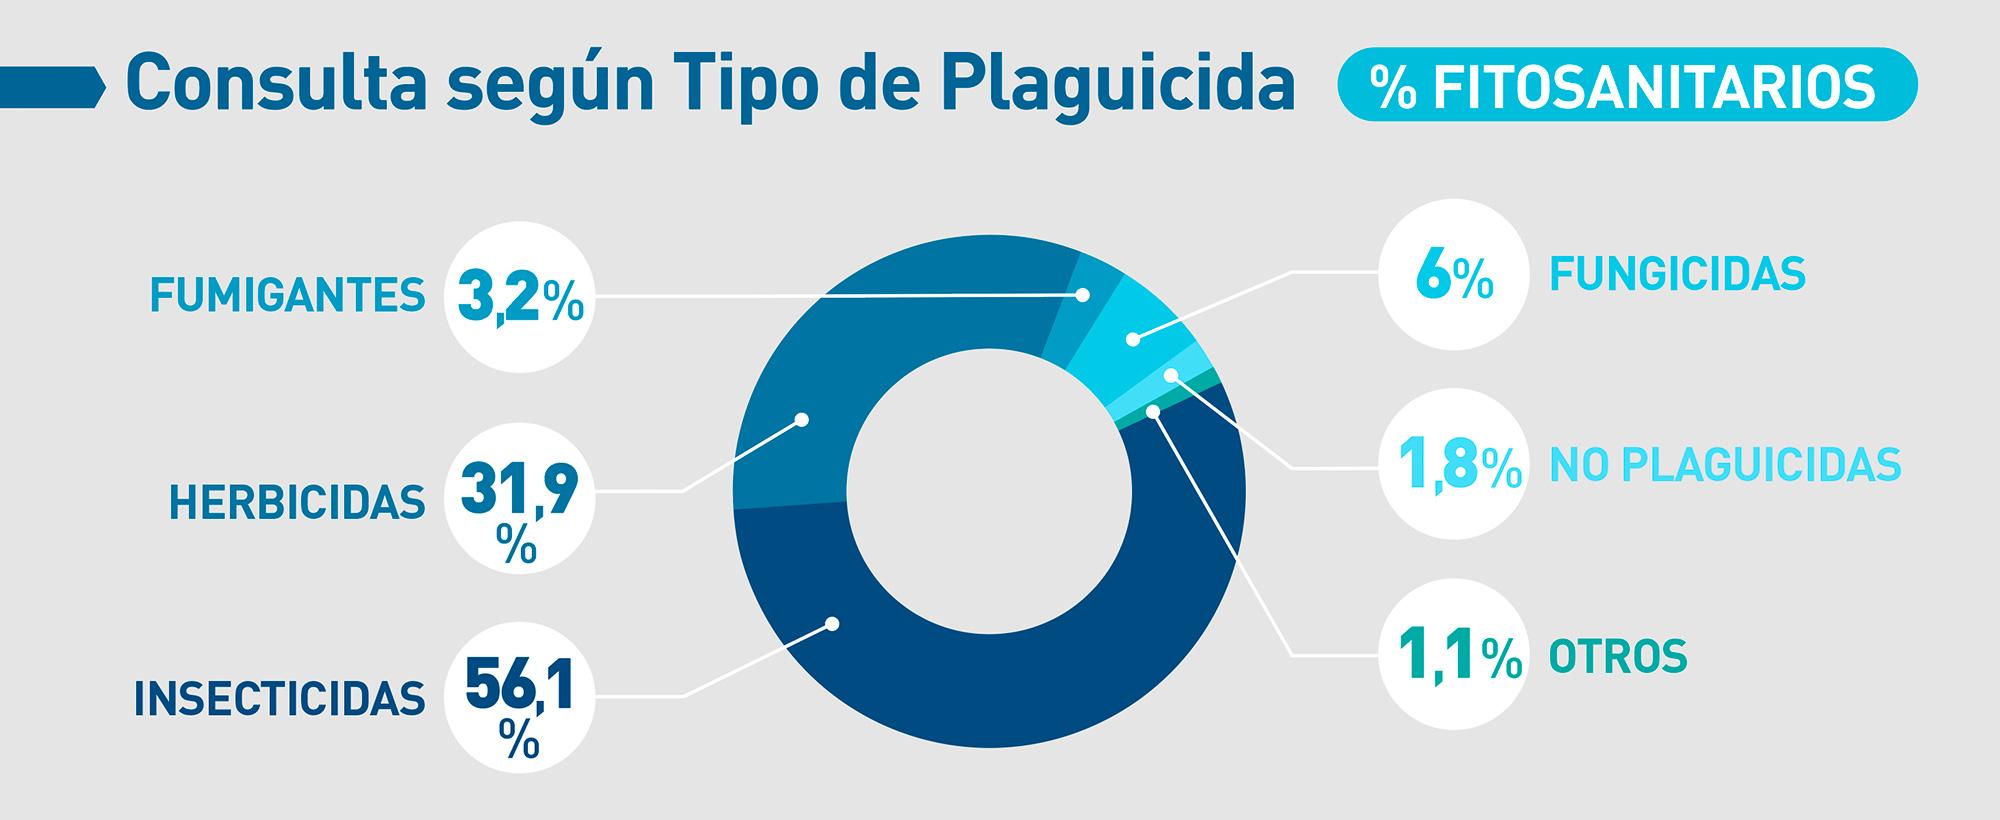 casafe-agroquimicos-y-salud-grafico-05-estadisticas-toxicologicas-2020